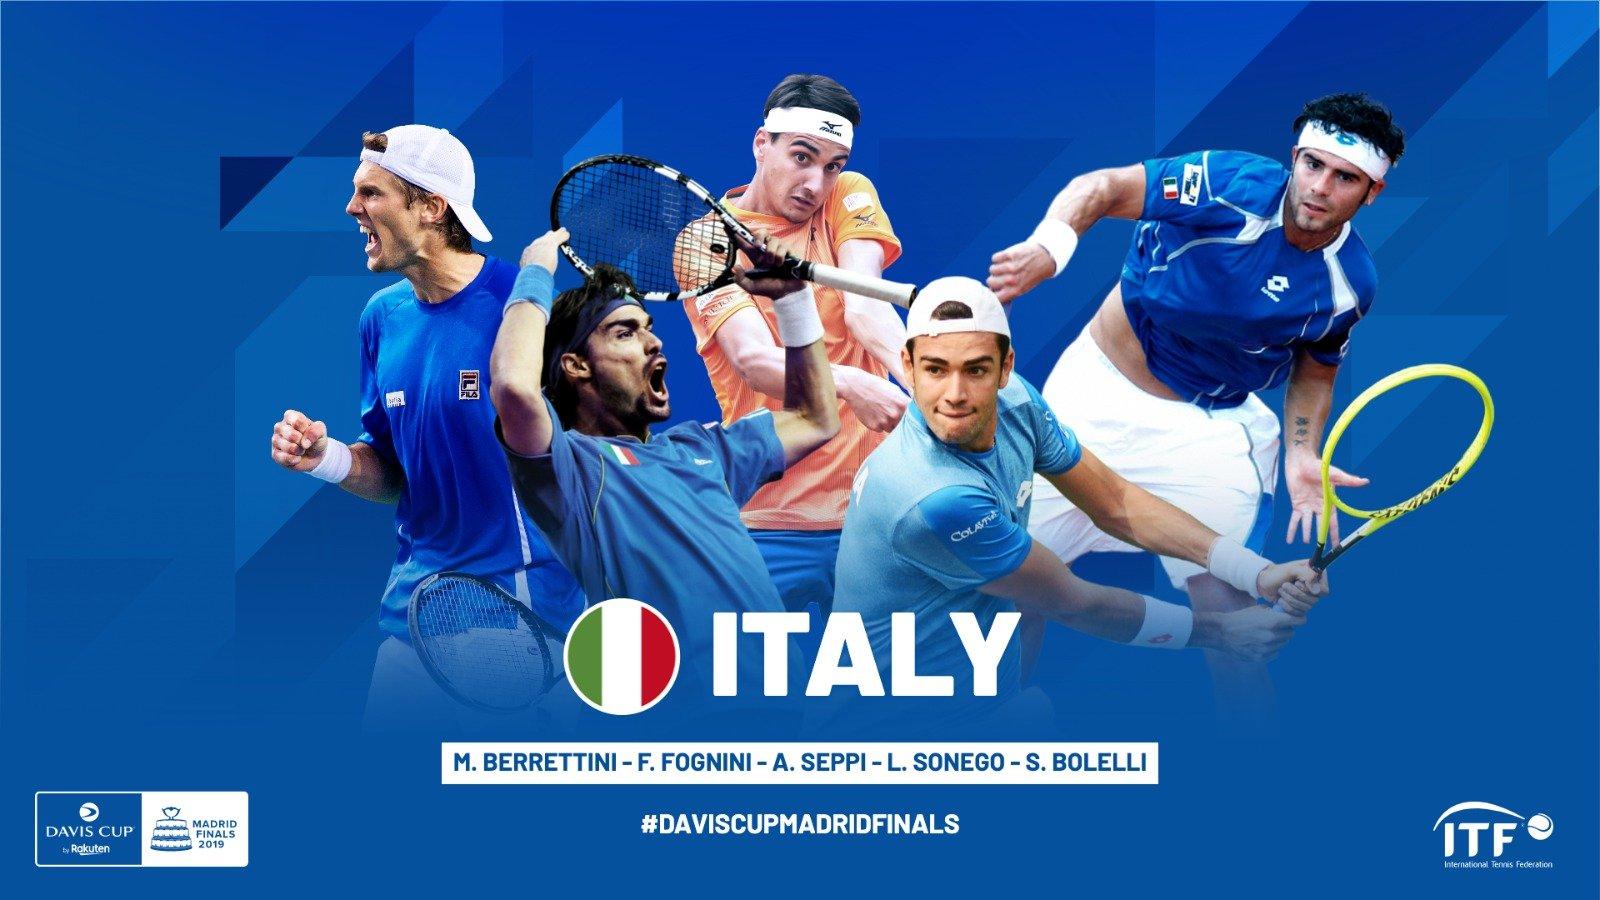 Coppa Davis, la squadra dell'Italia: Berrettini e Fognini le stelle